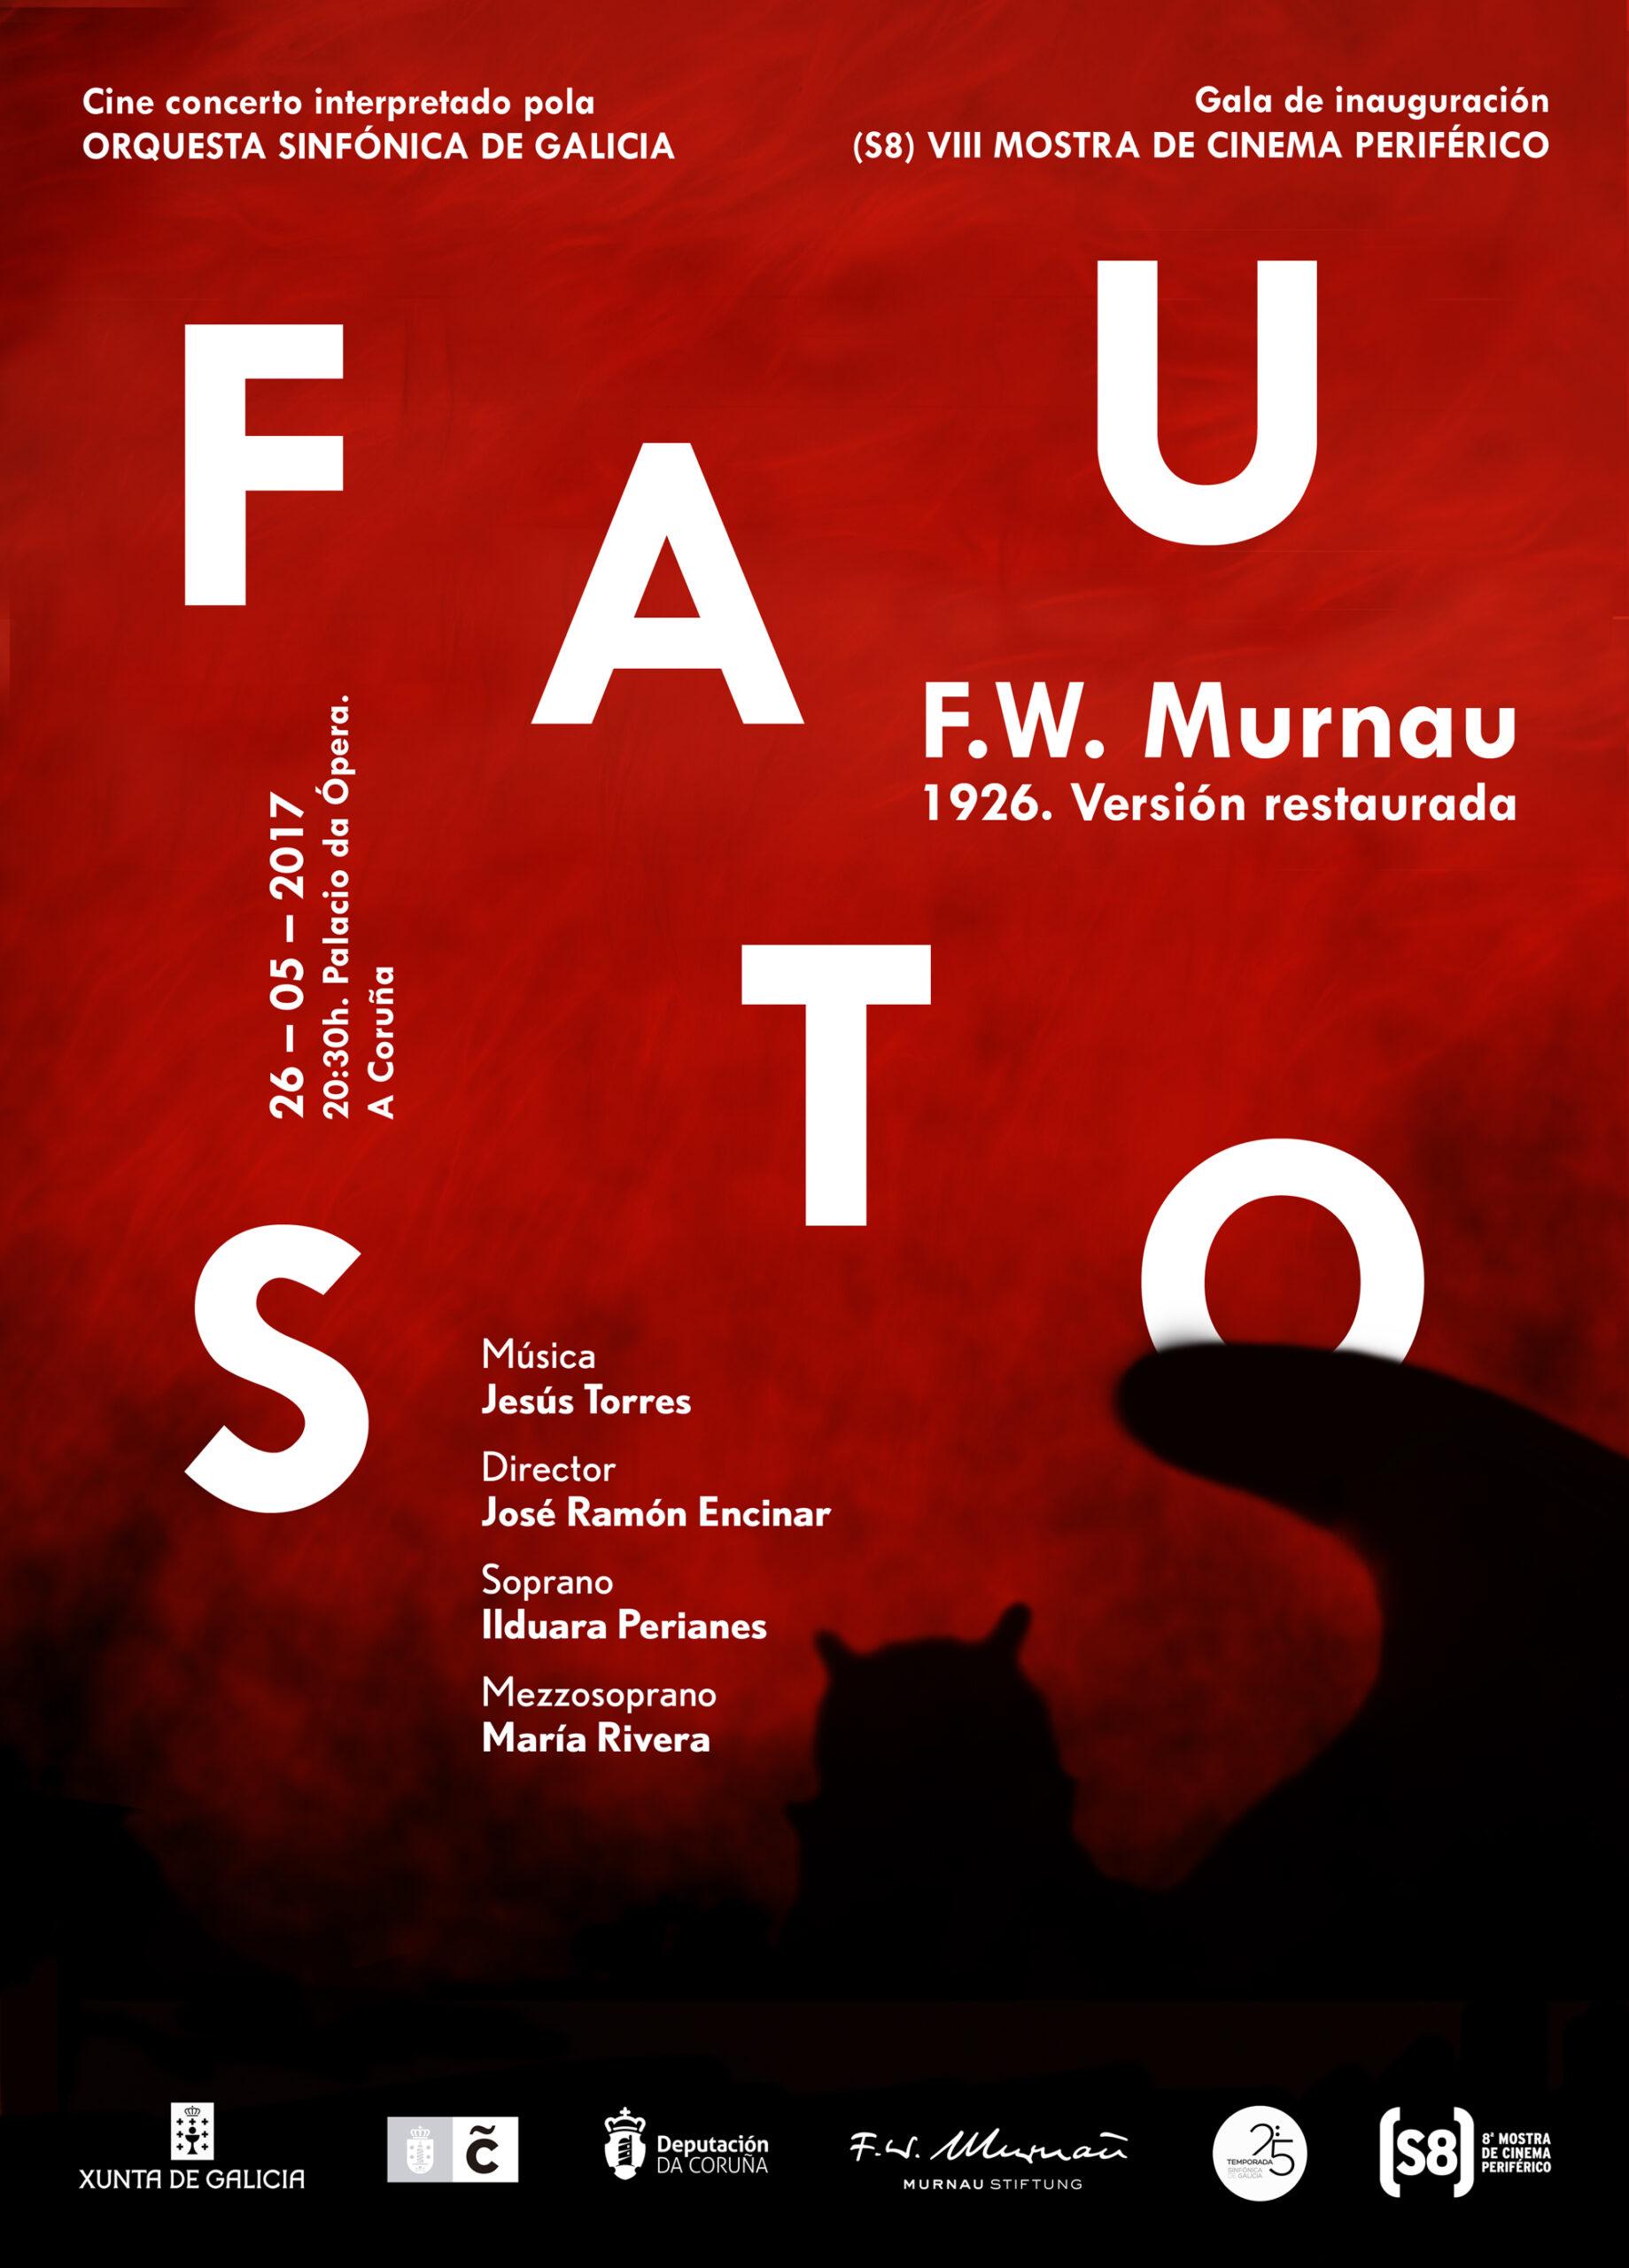 Gala de inauguración  Fausto, de Murnau, sonorizada en dire...